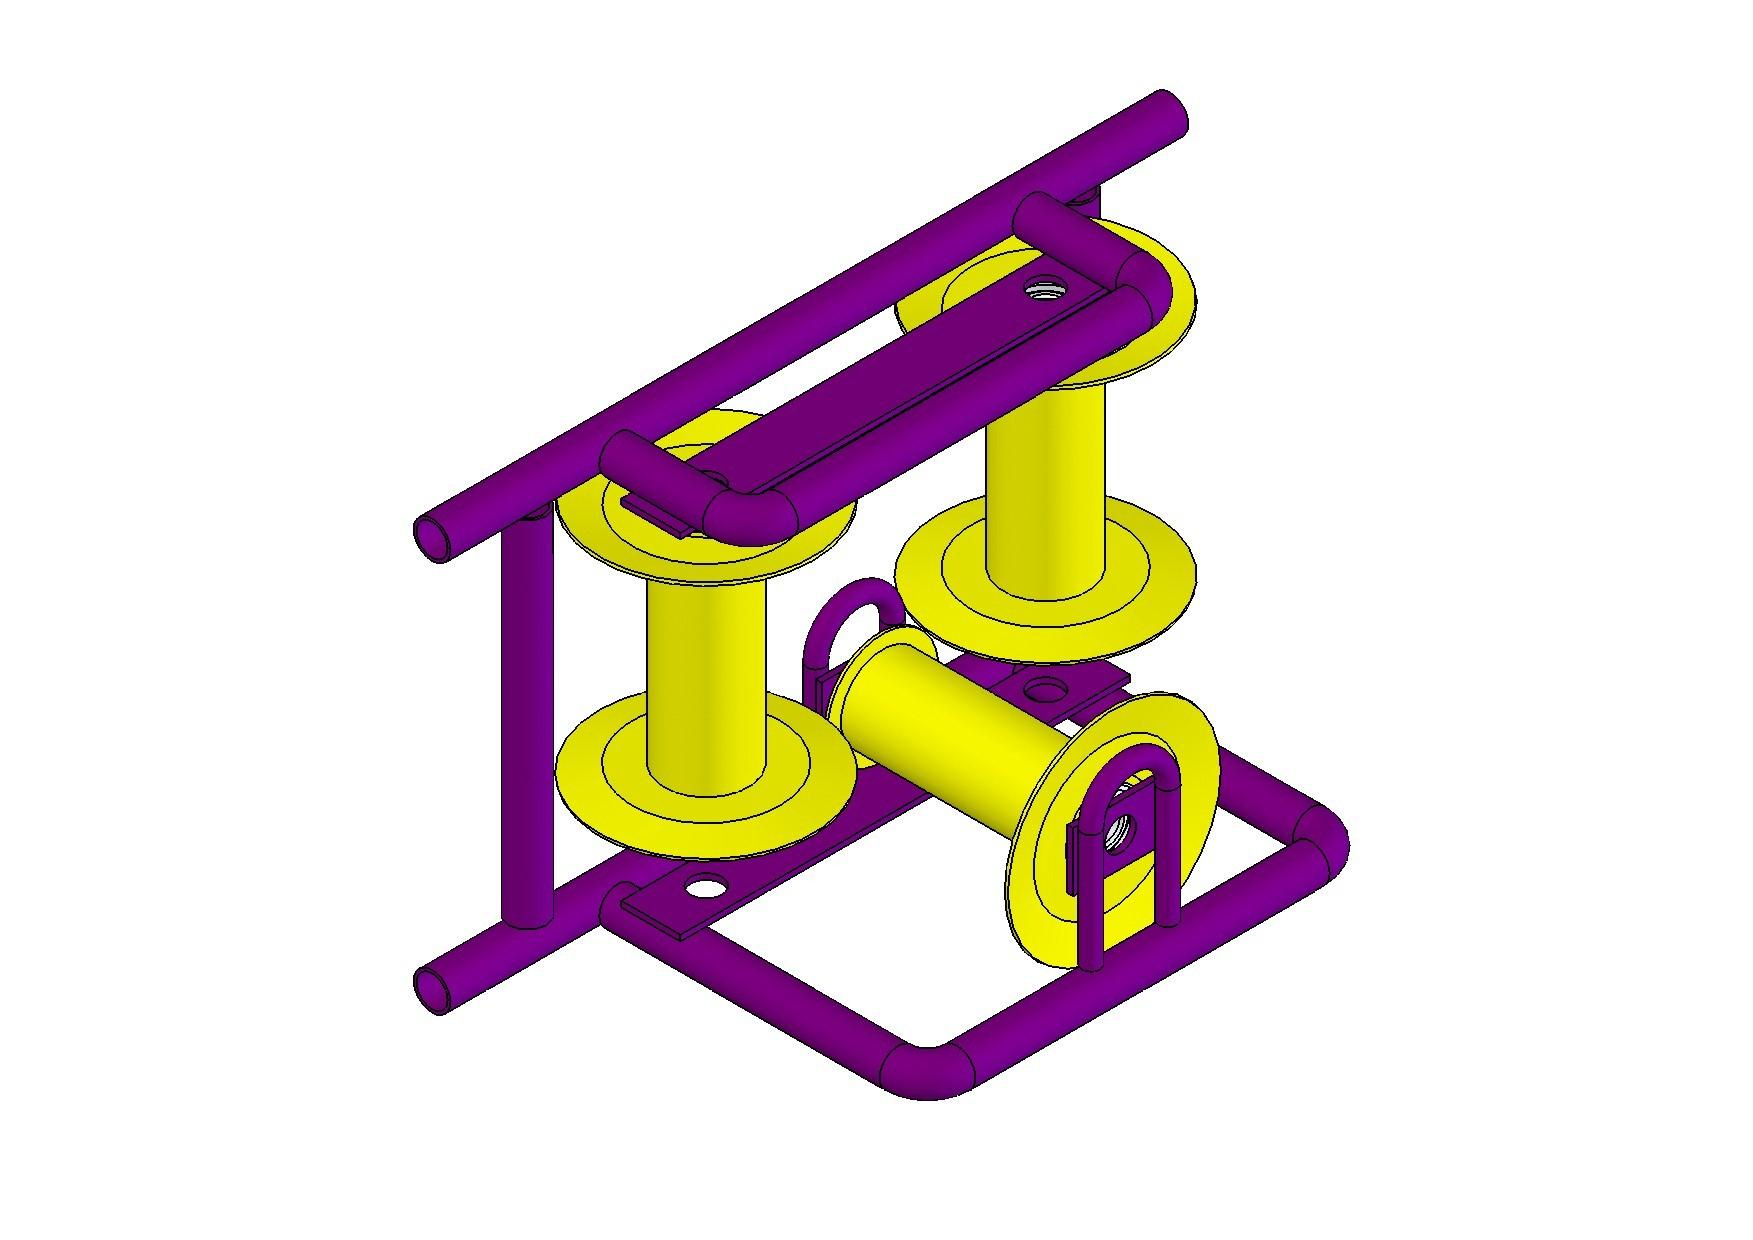 Ролик угловой модульный для прокладки кабеля